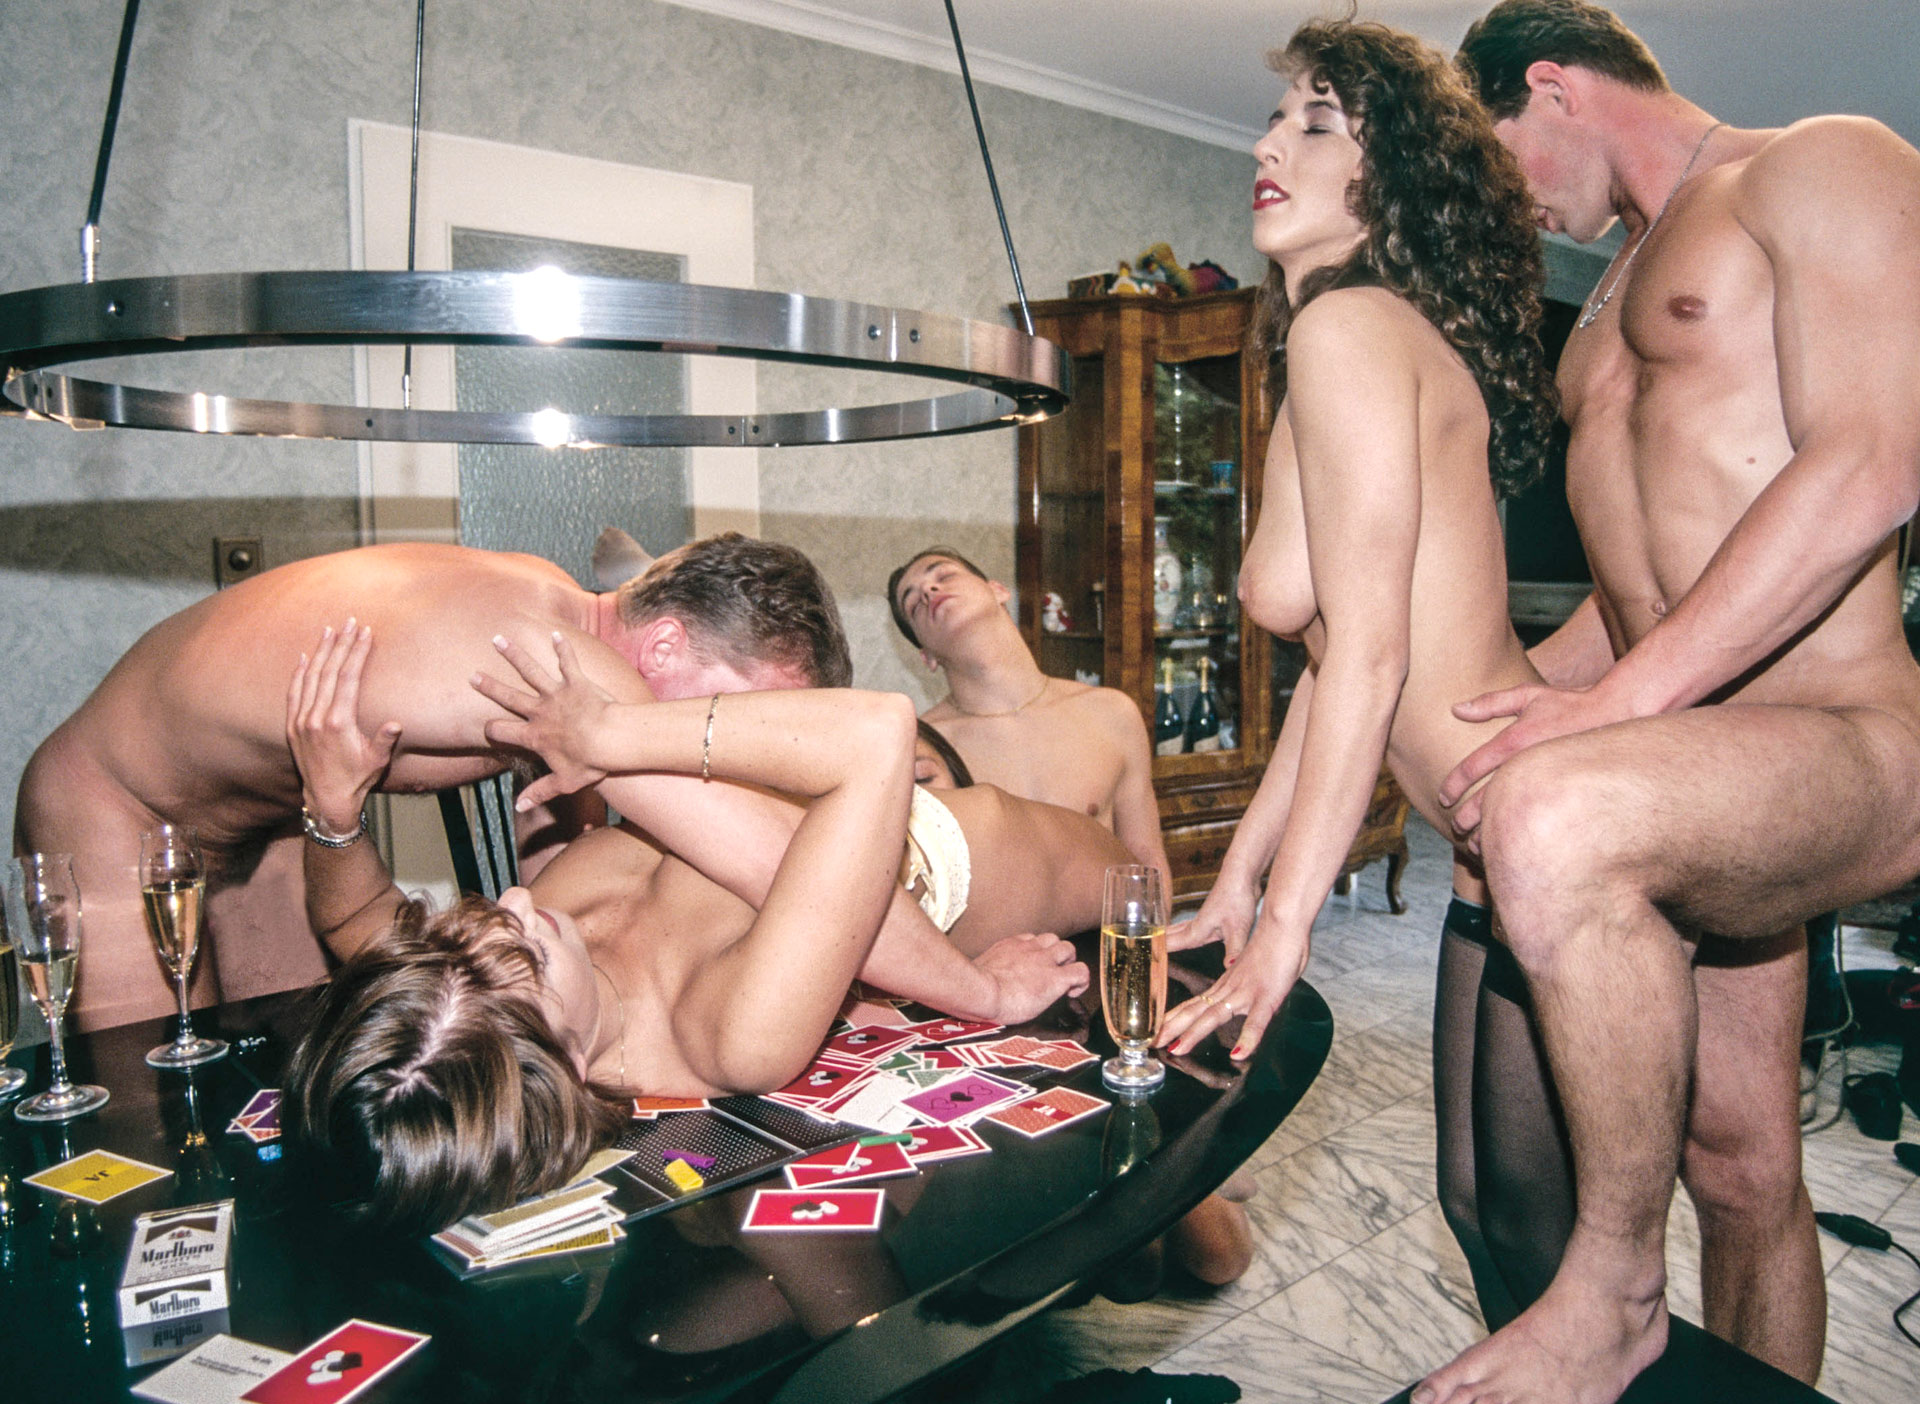 swingerclub salzburg sex spiele kostenlos online